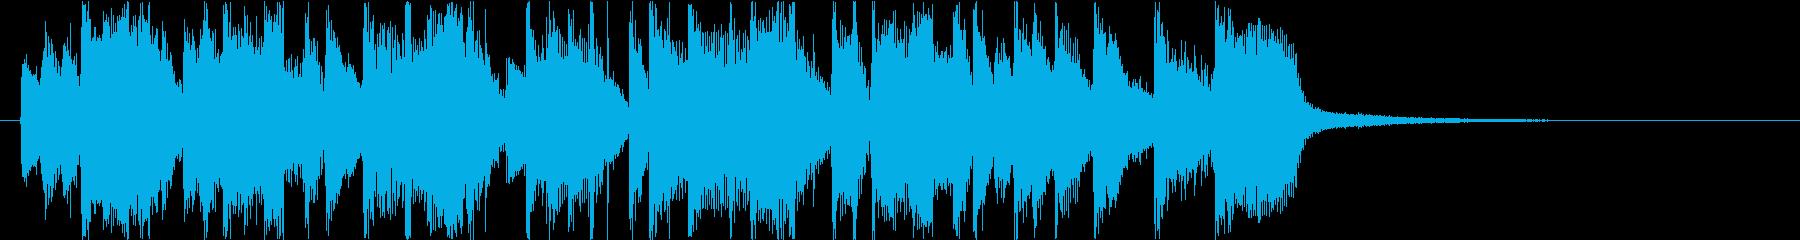 ノリノリラテンサウンドロゴの再生済みの波形